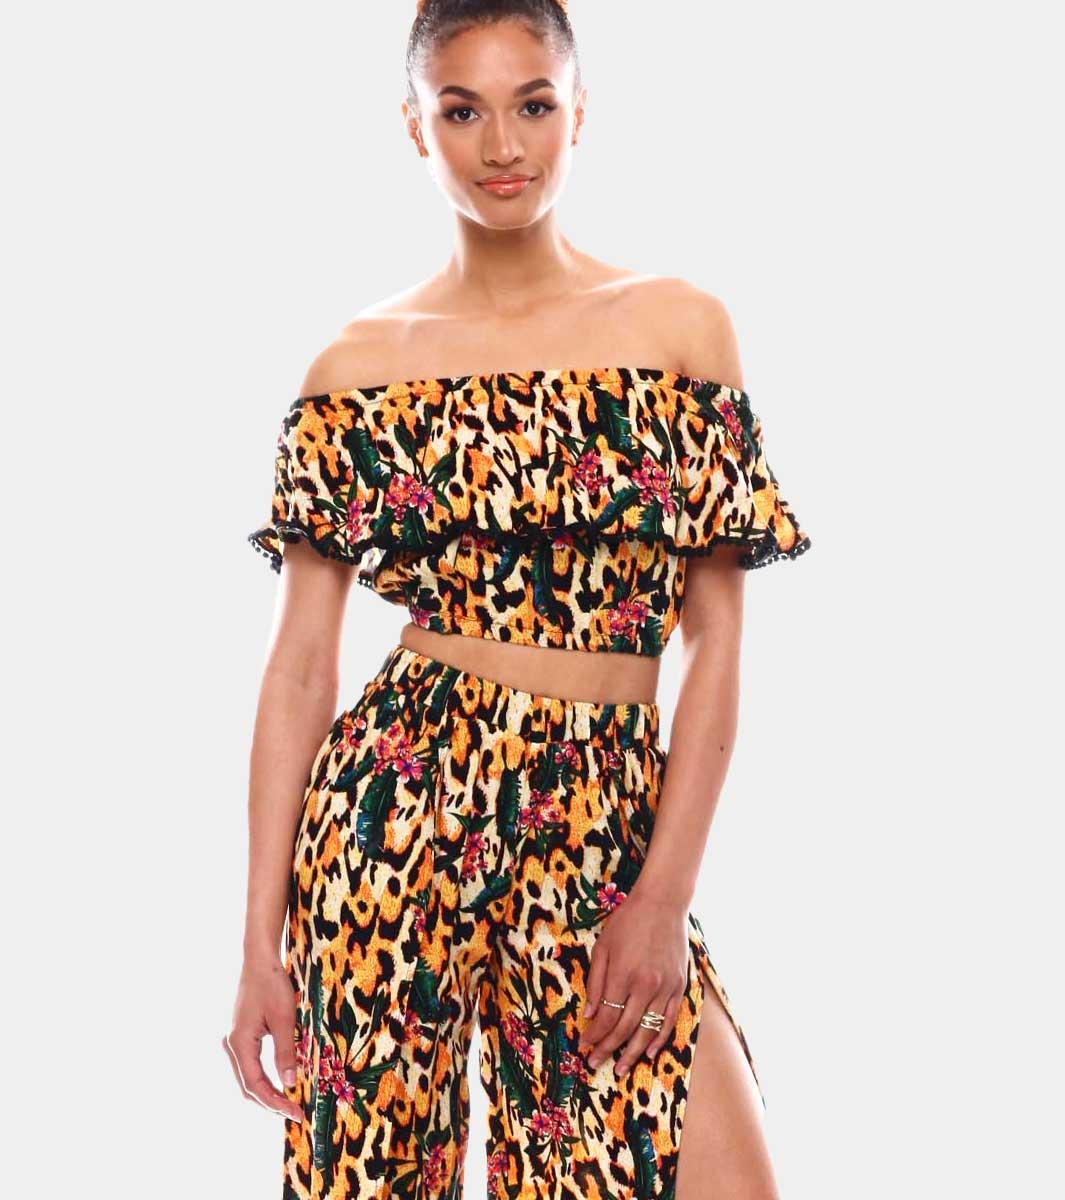 Women's New Spring Dresses